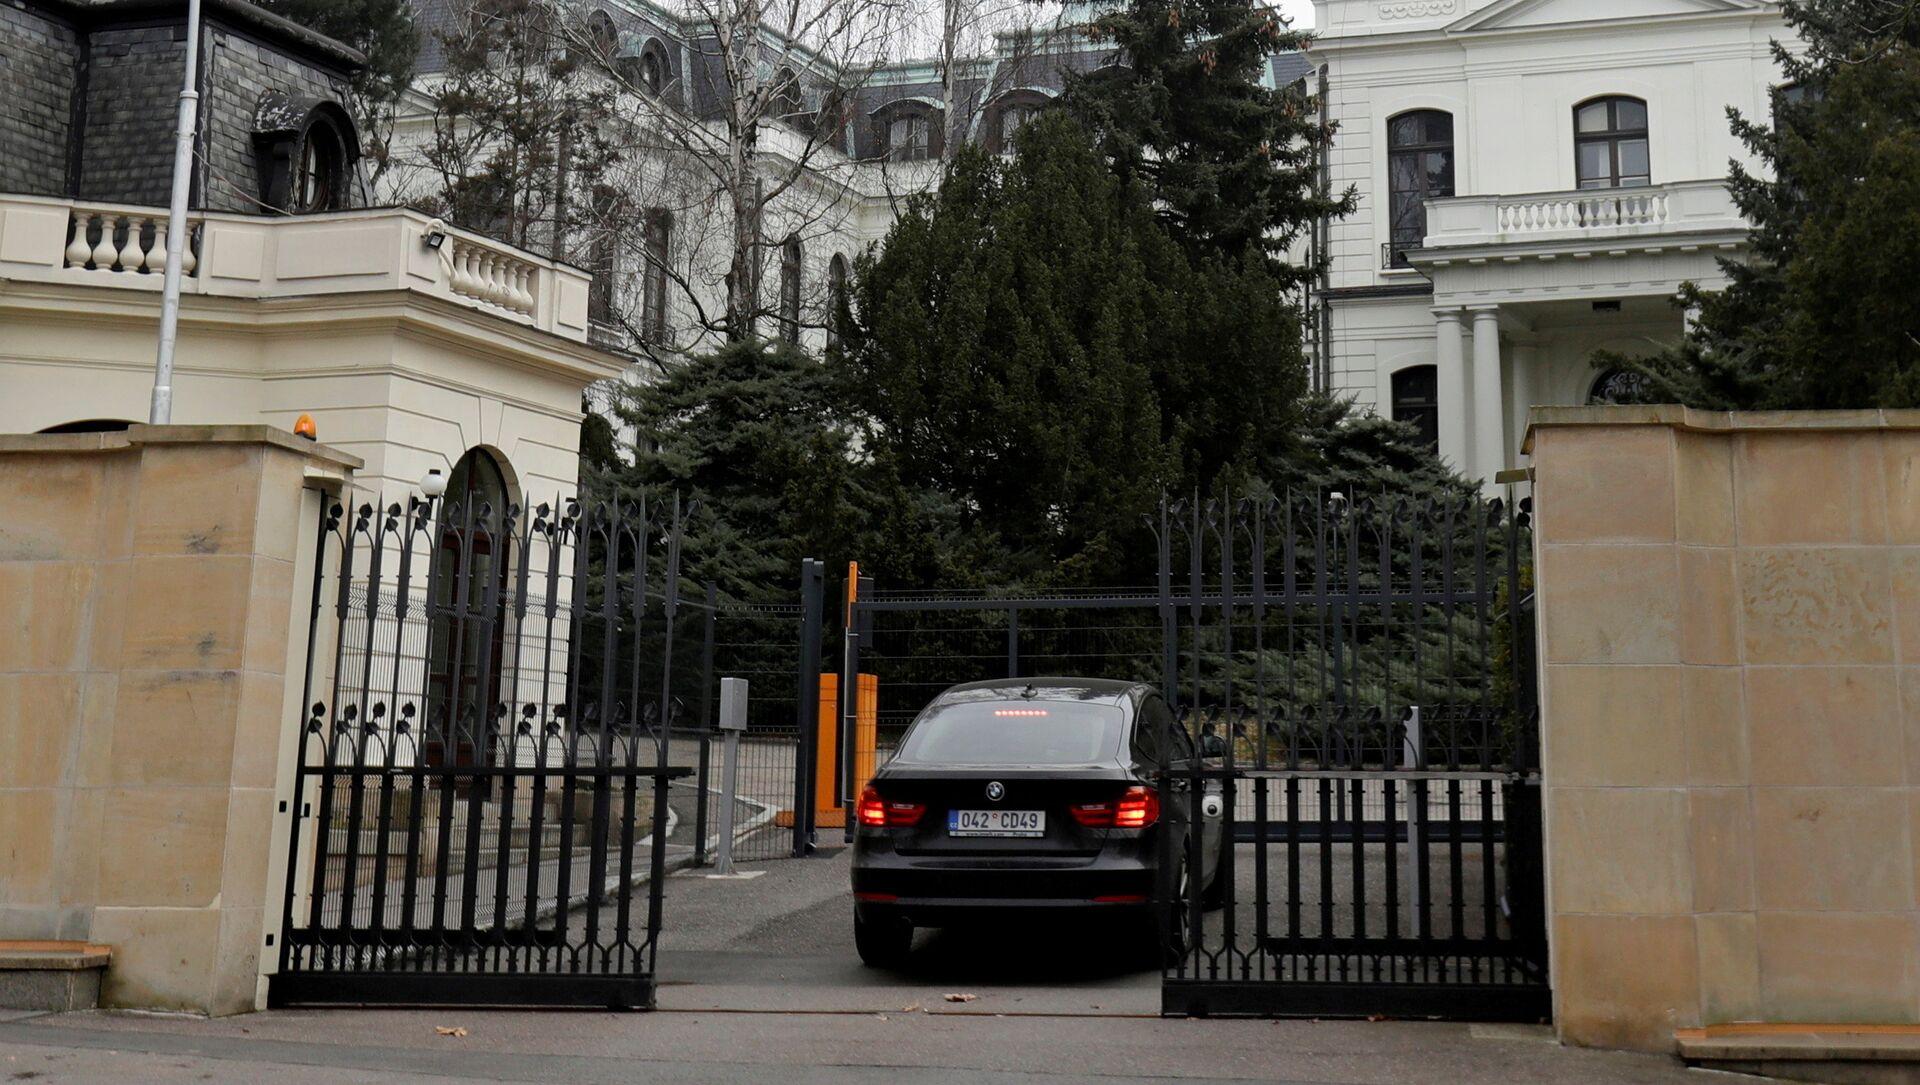 Budynek Ambasady Rosji w Pradze, Czechy - Sputnik Polska, 1920, 01.06.2021